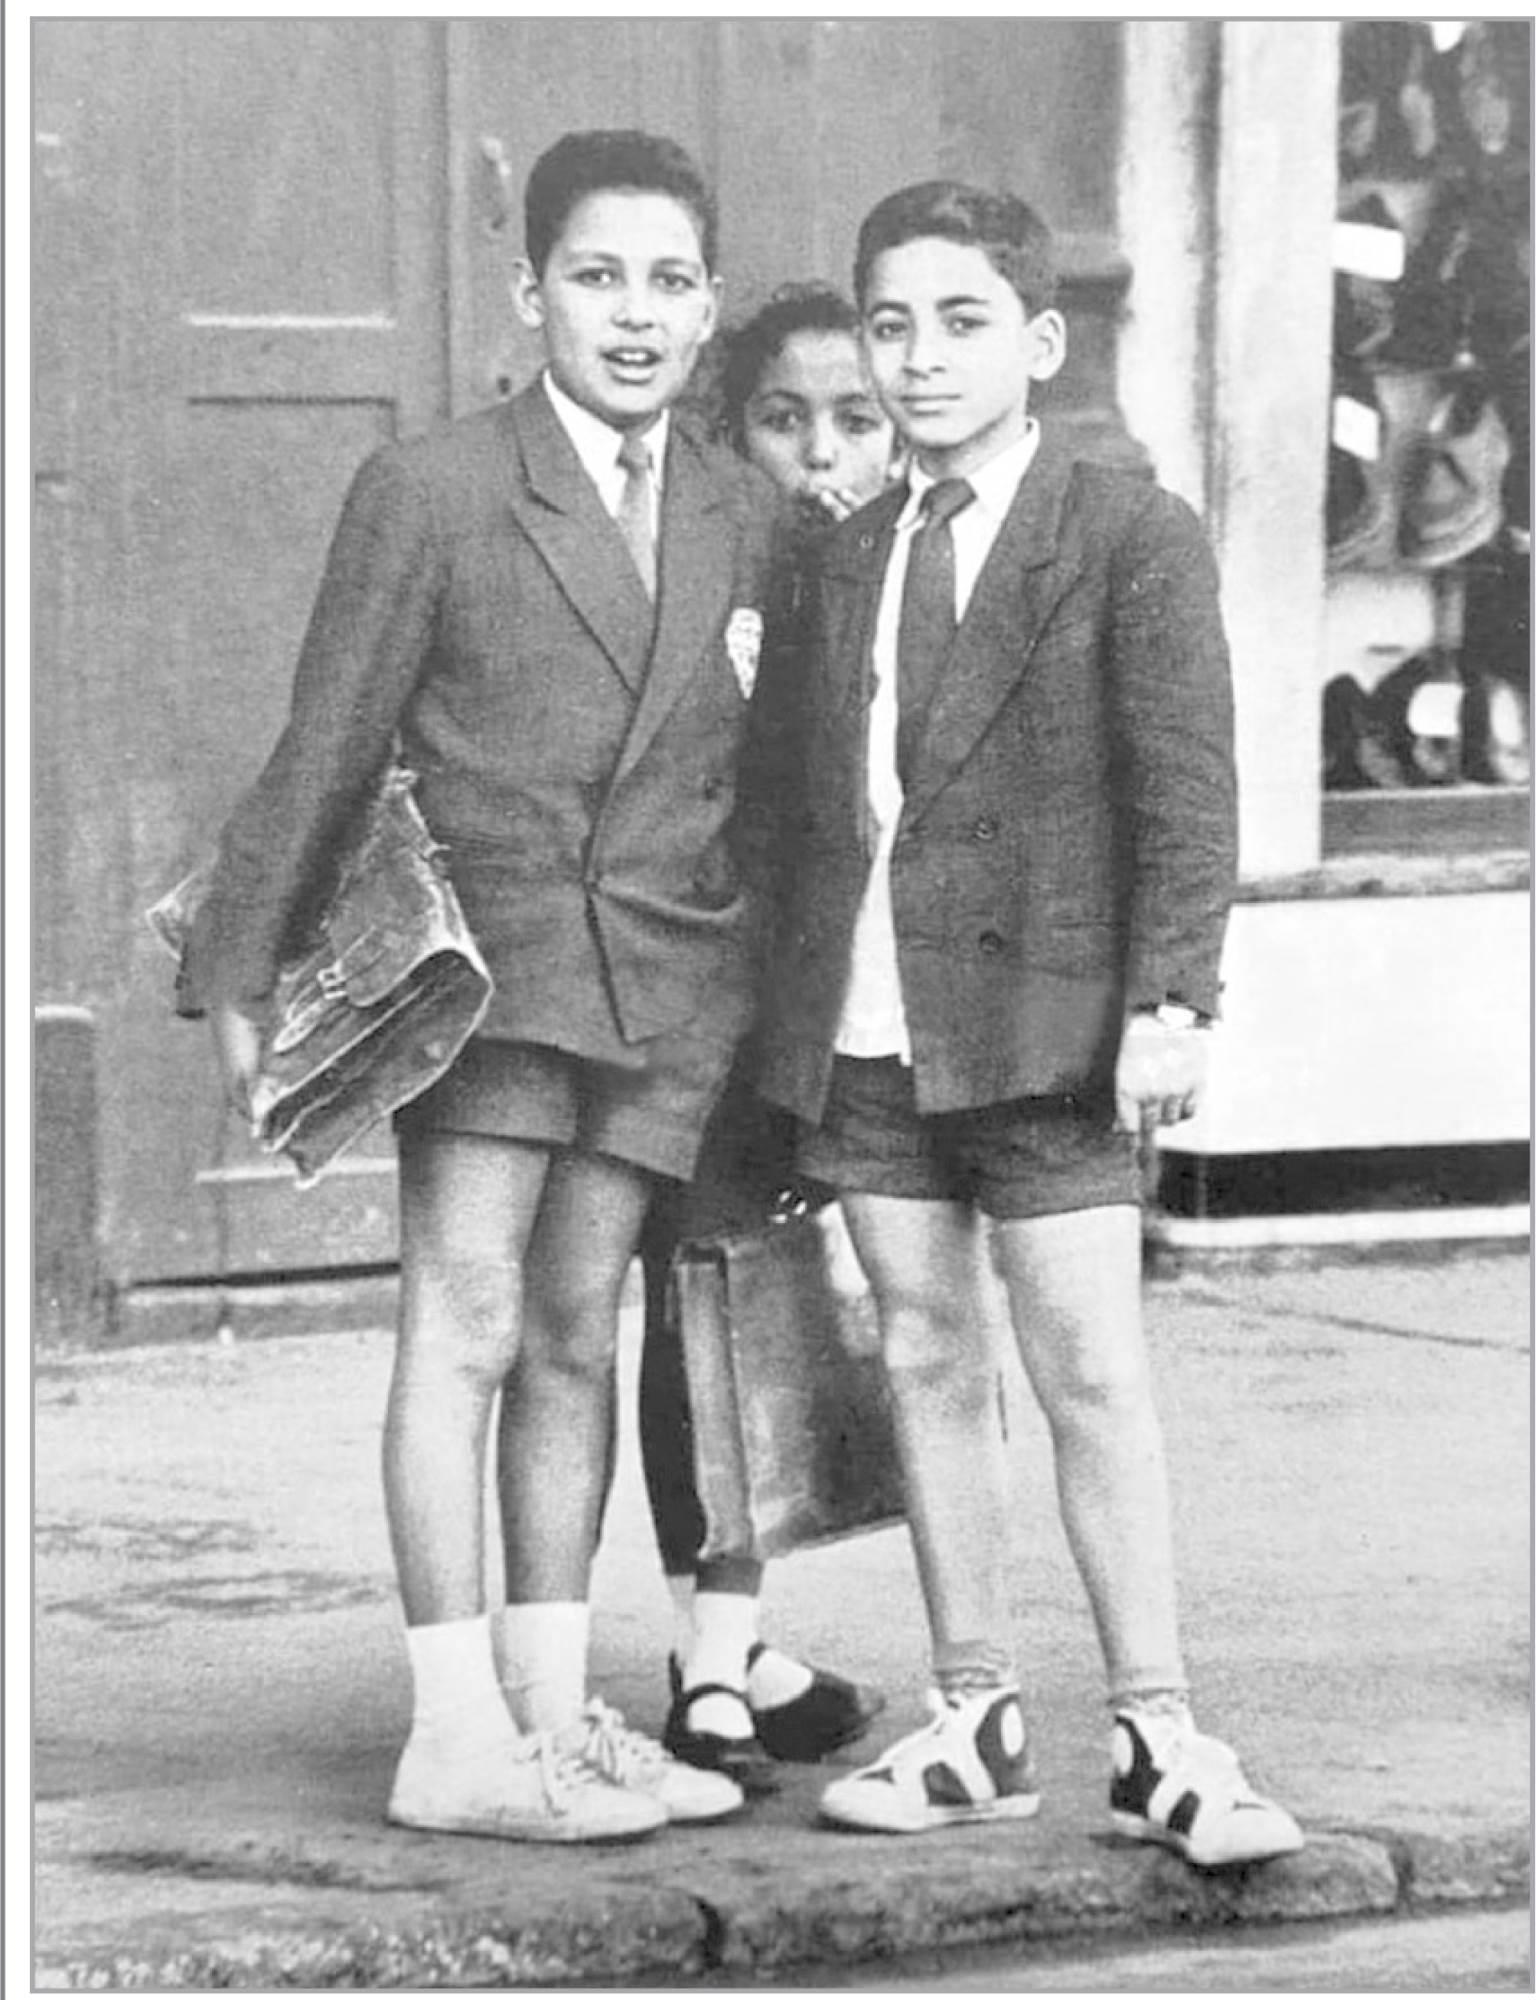 تلاميذ مدرسة إبتدائية فى الأسكندرية فى الستينيات